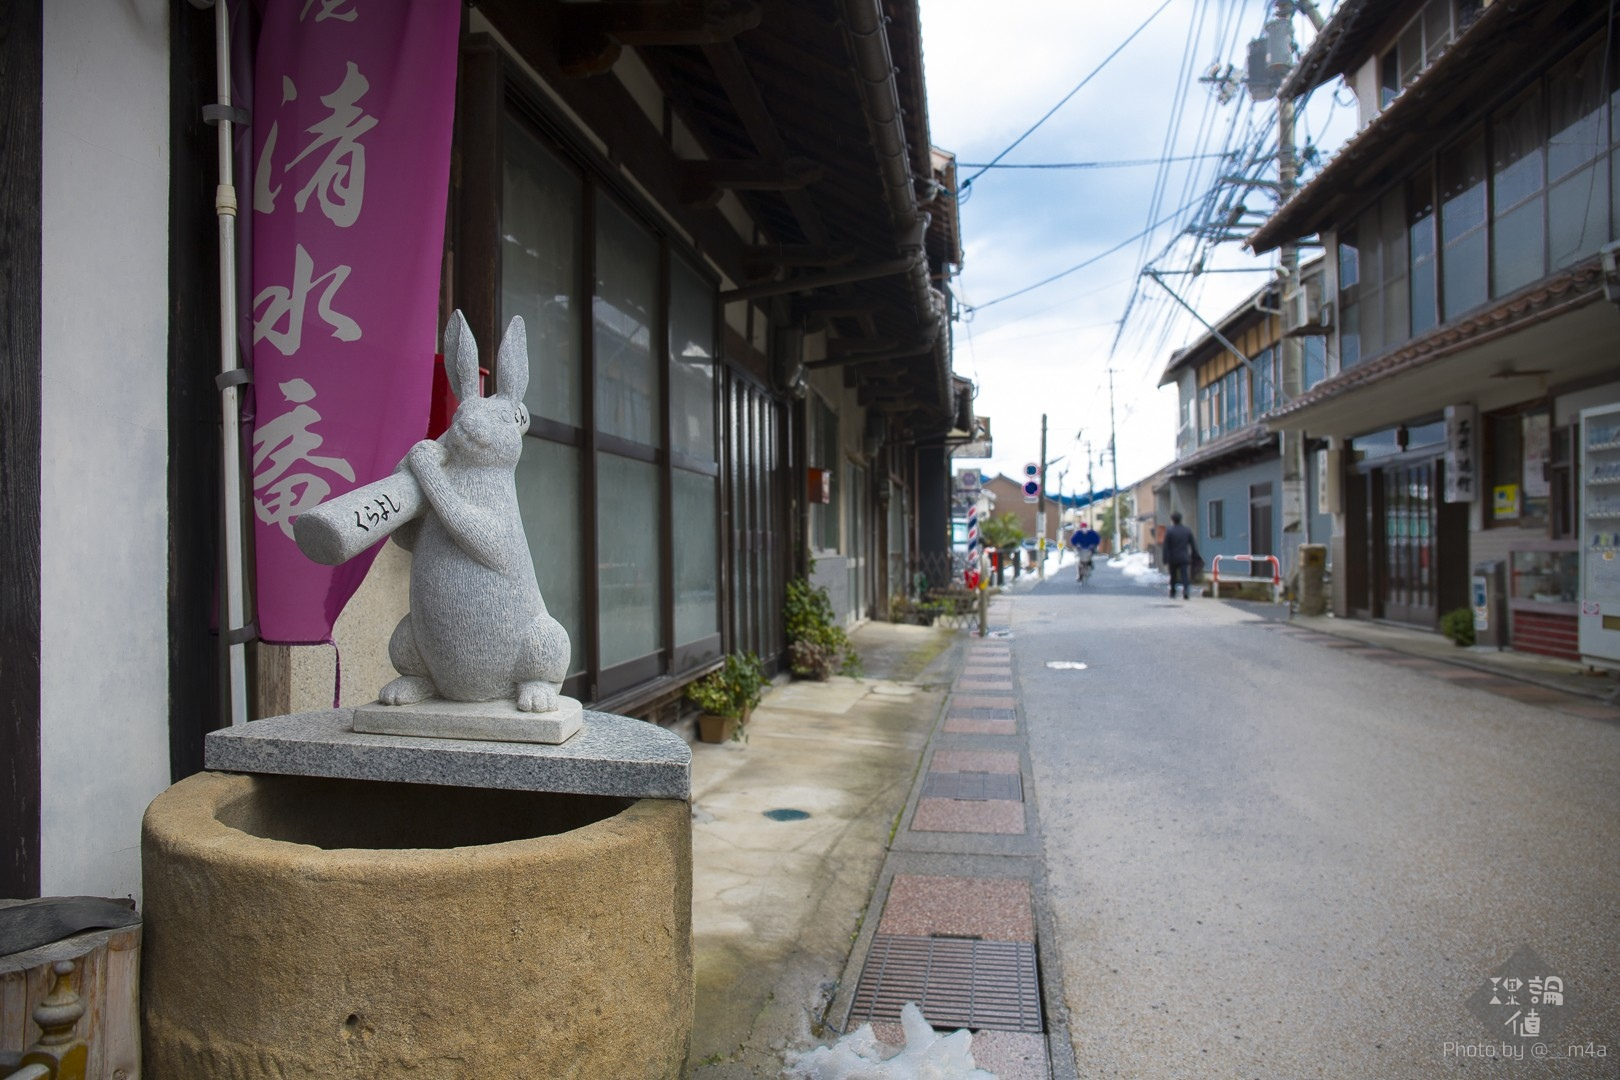 商店街の兎のオブジェ